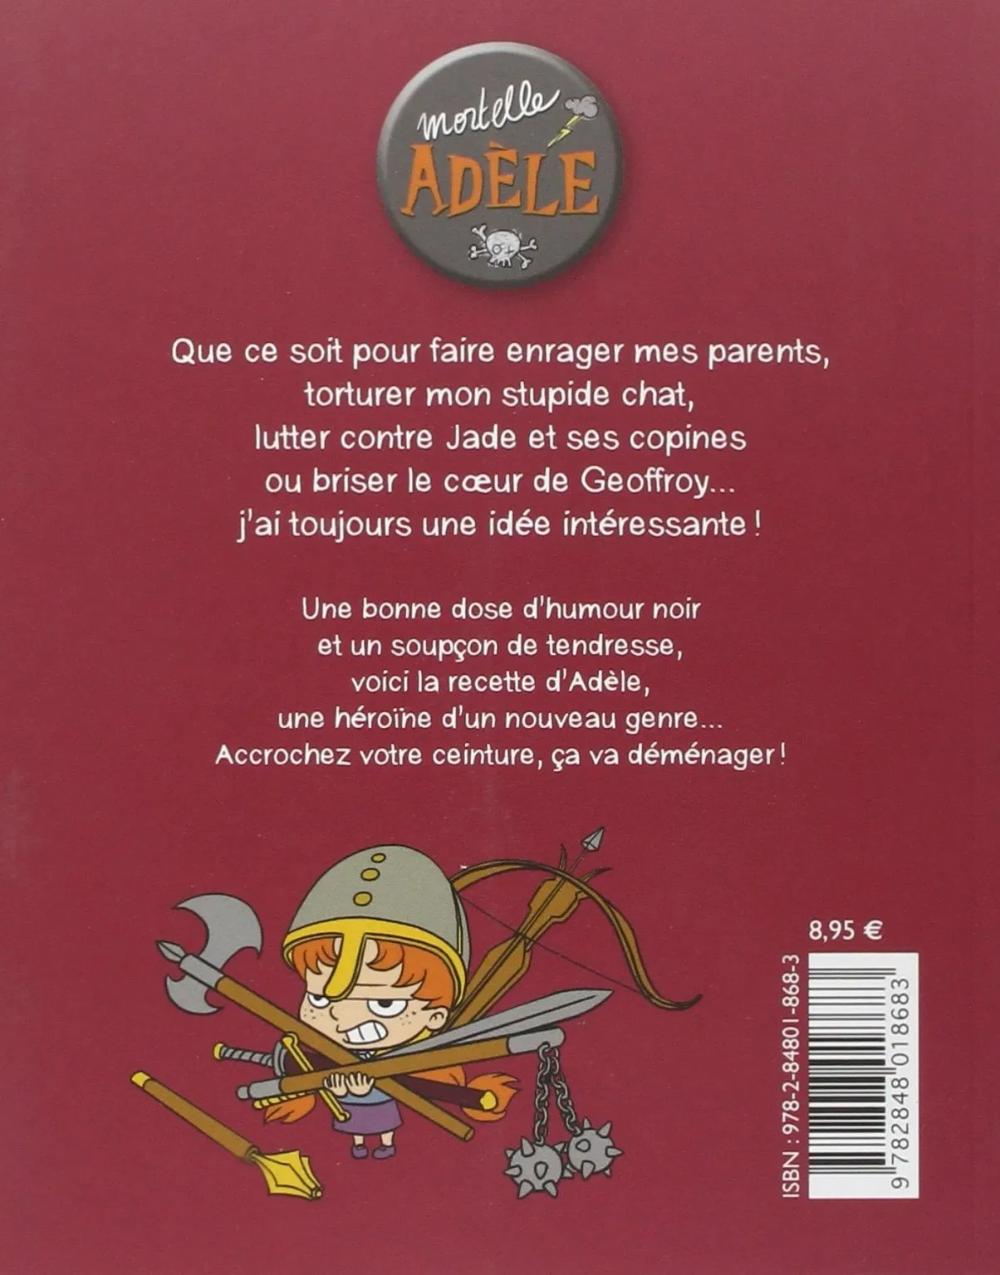 Mortelle Adele Tome 02 L Enfer C Est Les Autres Boutique Virtuel Com Humour Noir Adele Torturee